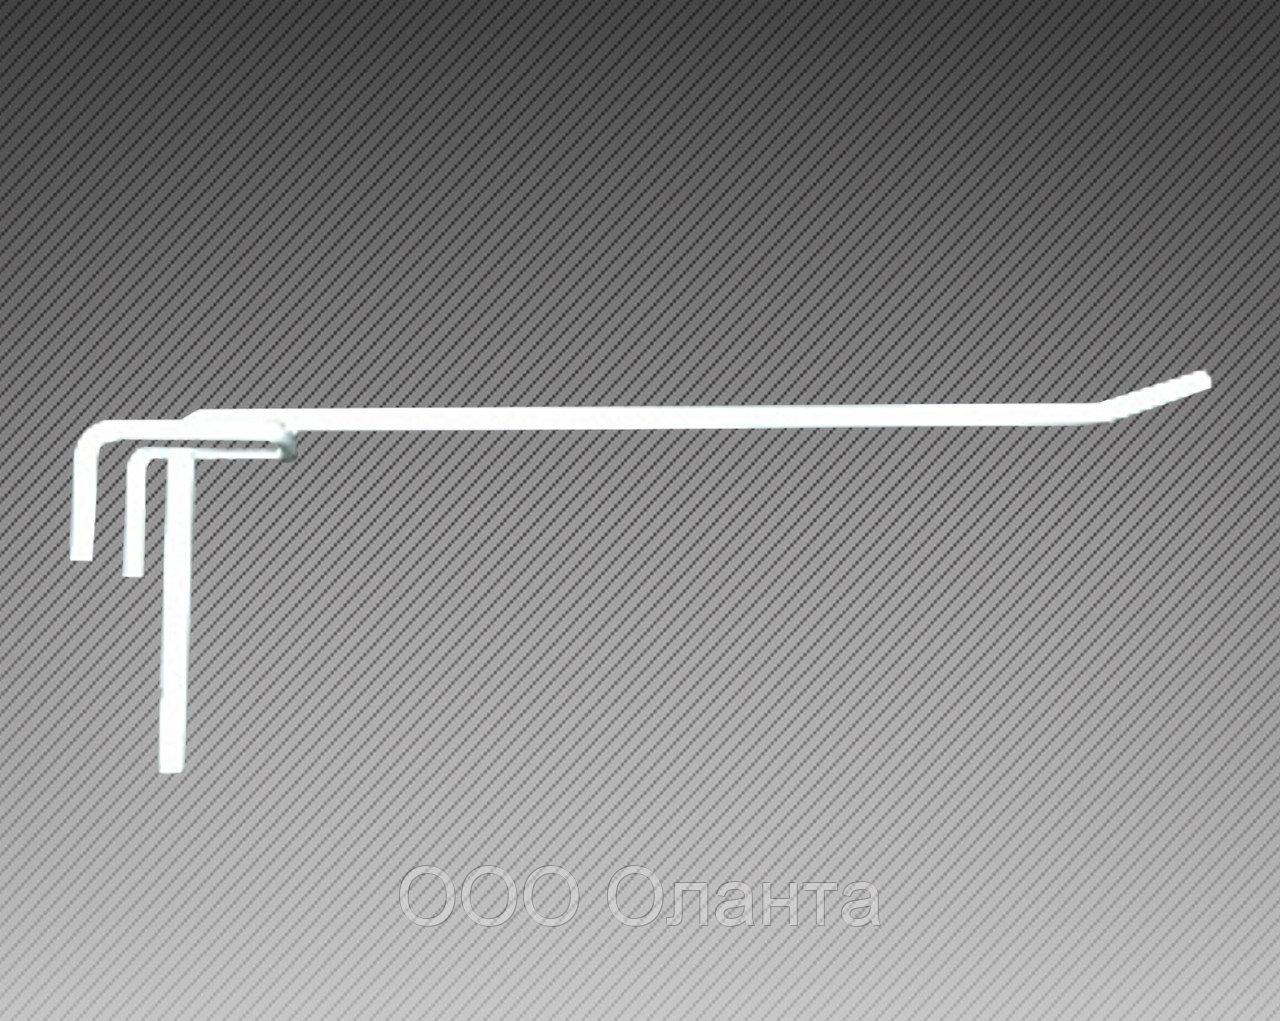 Крючок одинарный (L-250 мм) э/панель,сетка,перфорация